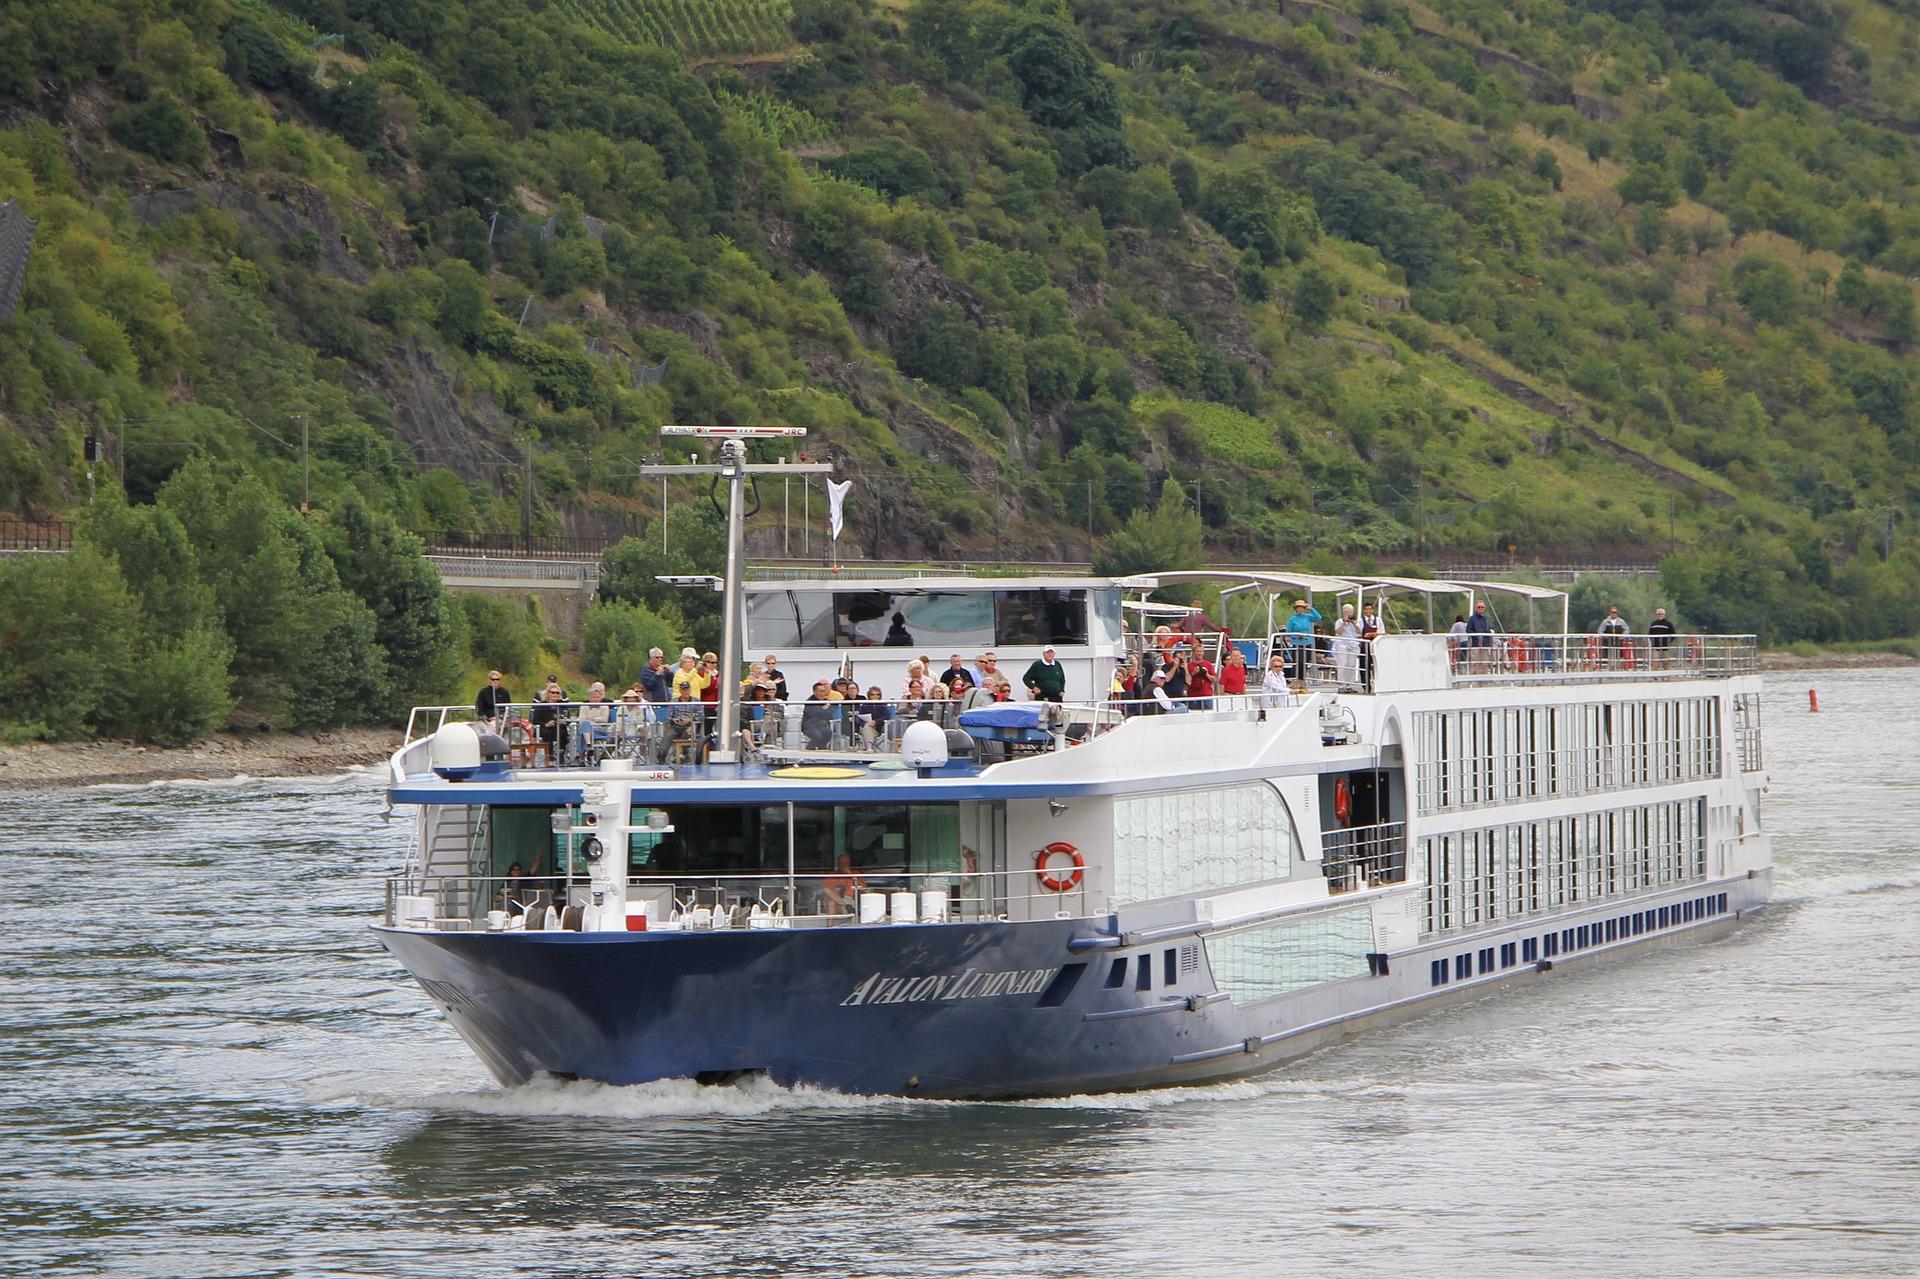 Minikreuzfahrt auf dem Rhein: Anlegestellen, Sehenswürdigkeiten & Tipps